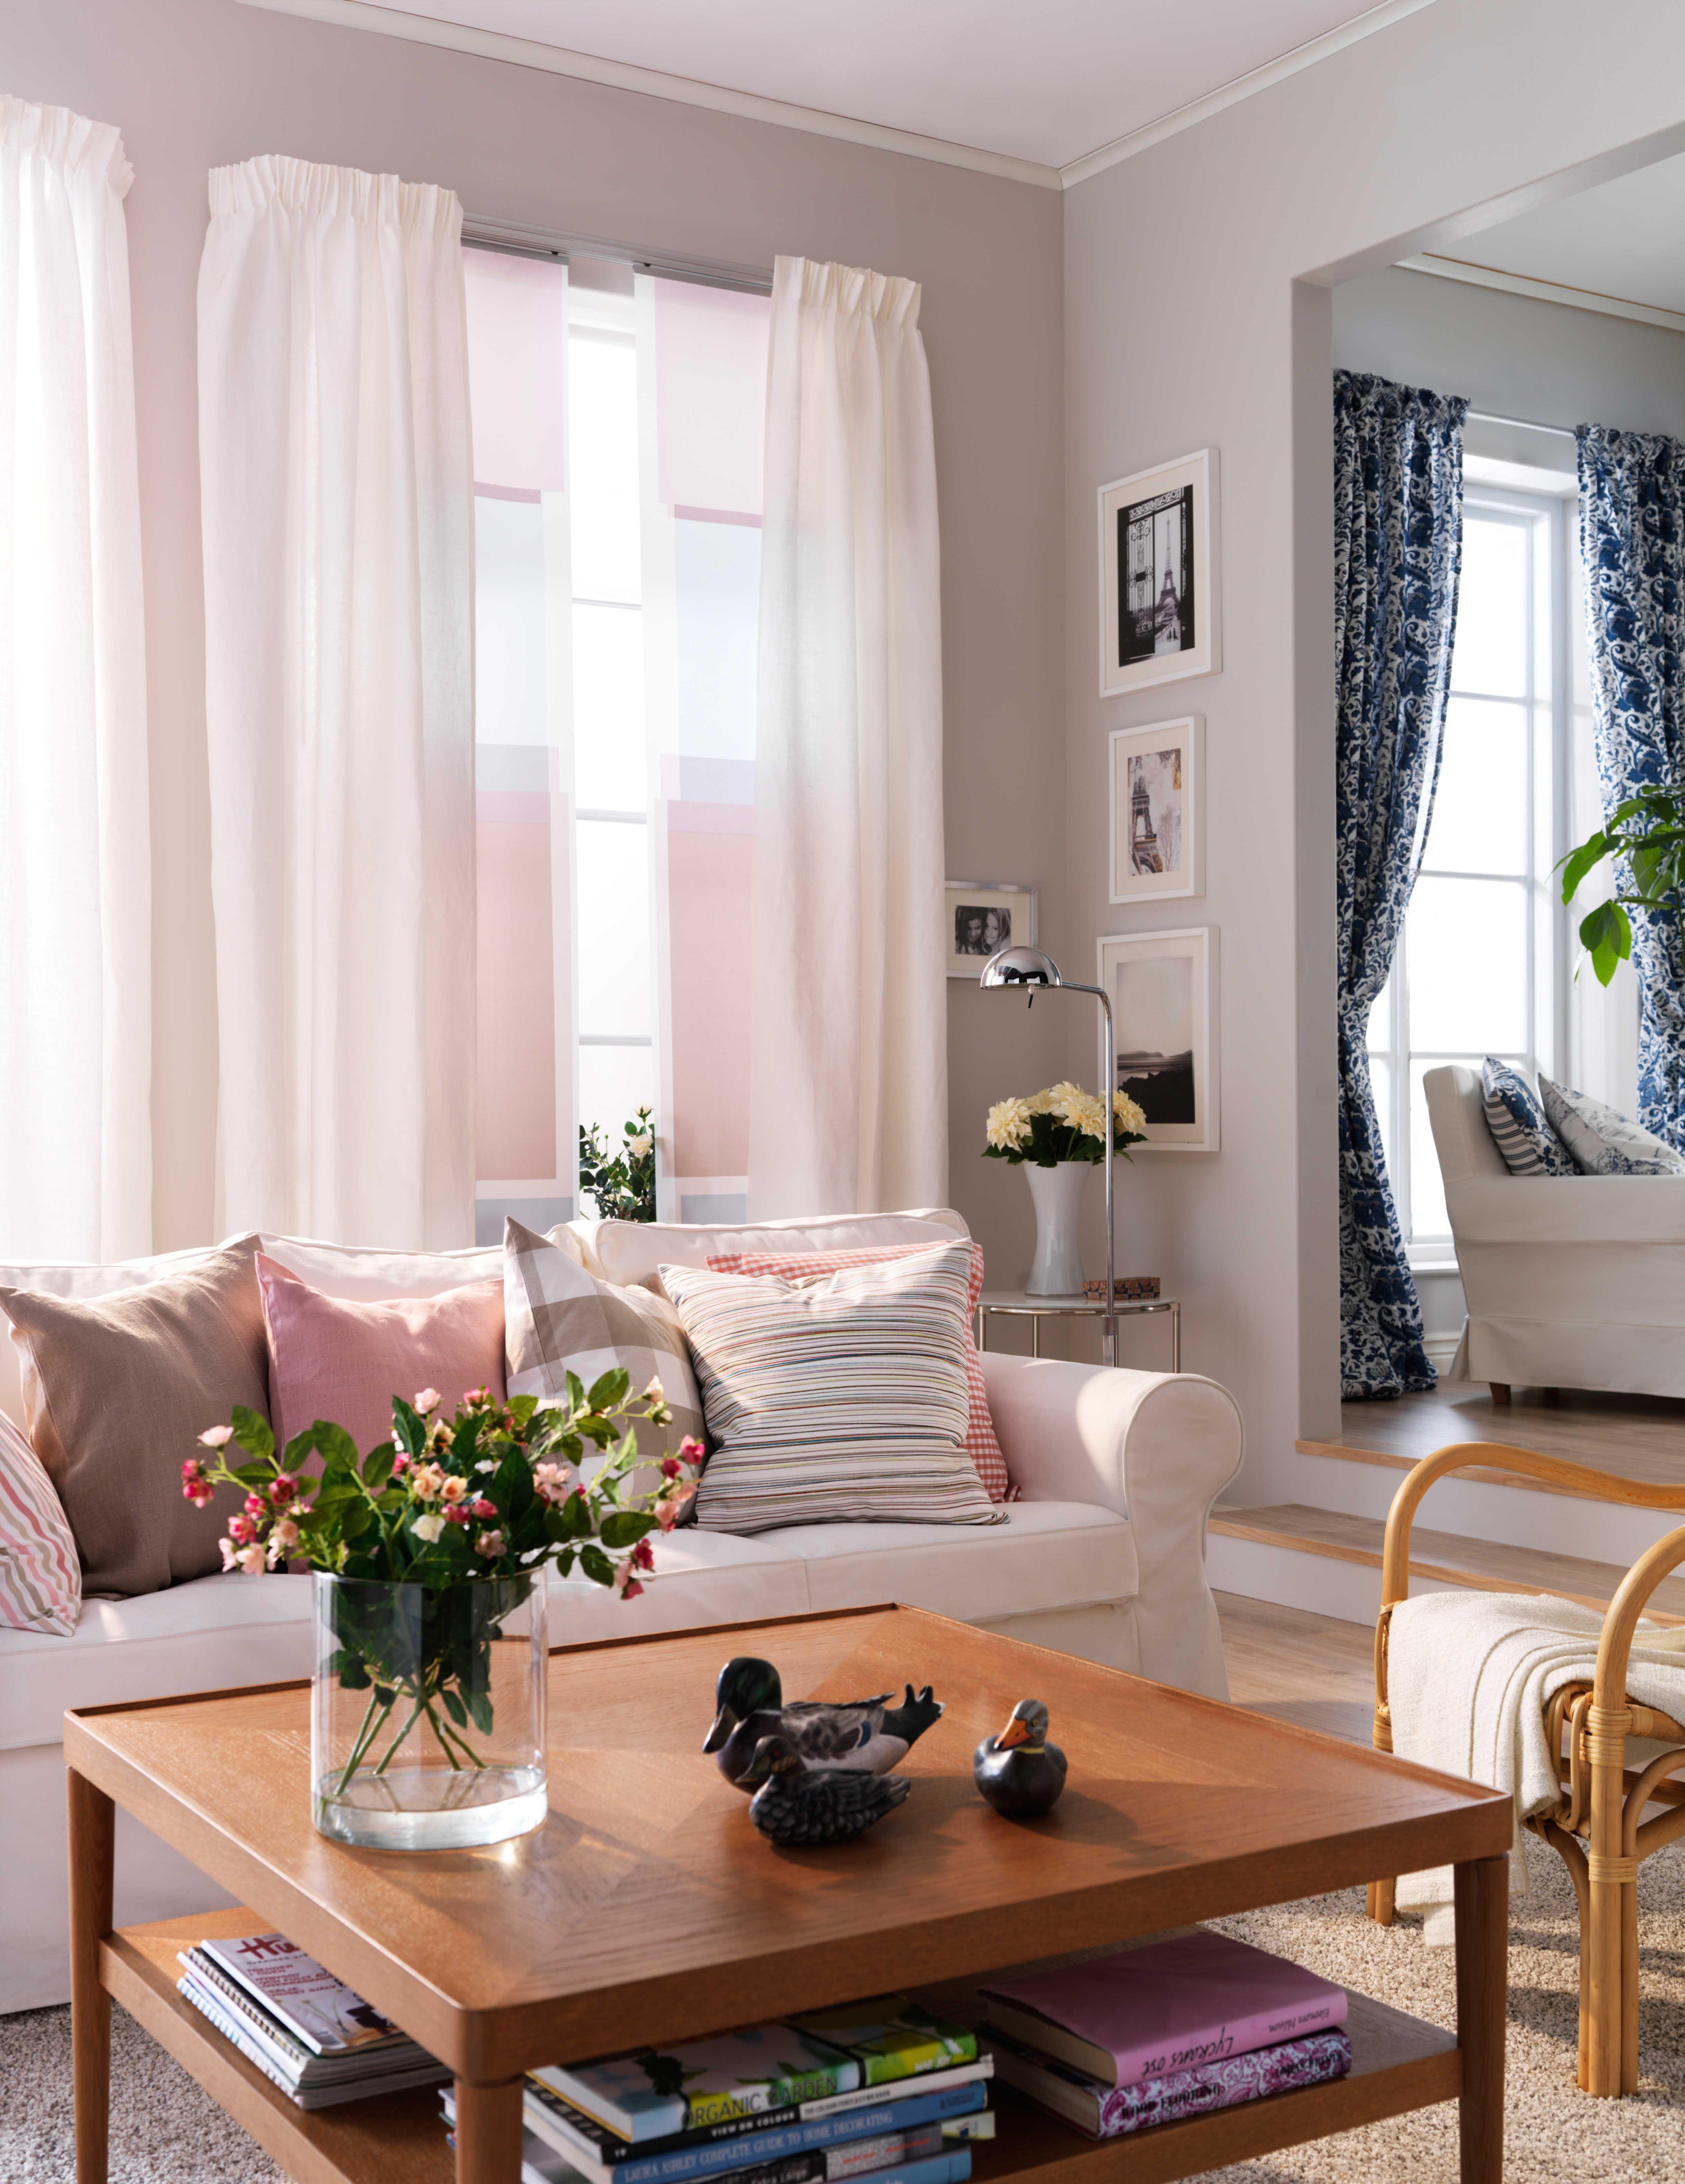 Elegant IKEA Österreich, Inspiration, Wohnzimmer, Sitzecke, Sessel IKEA STOCKHOLM,  Kissen CIRKEL